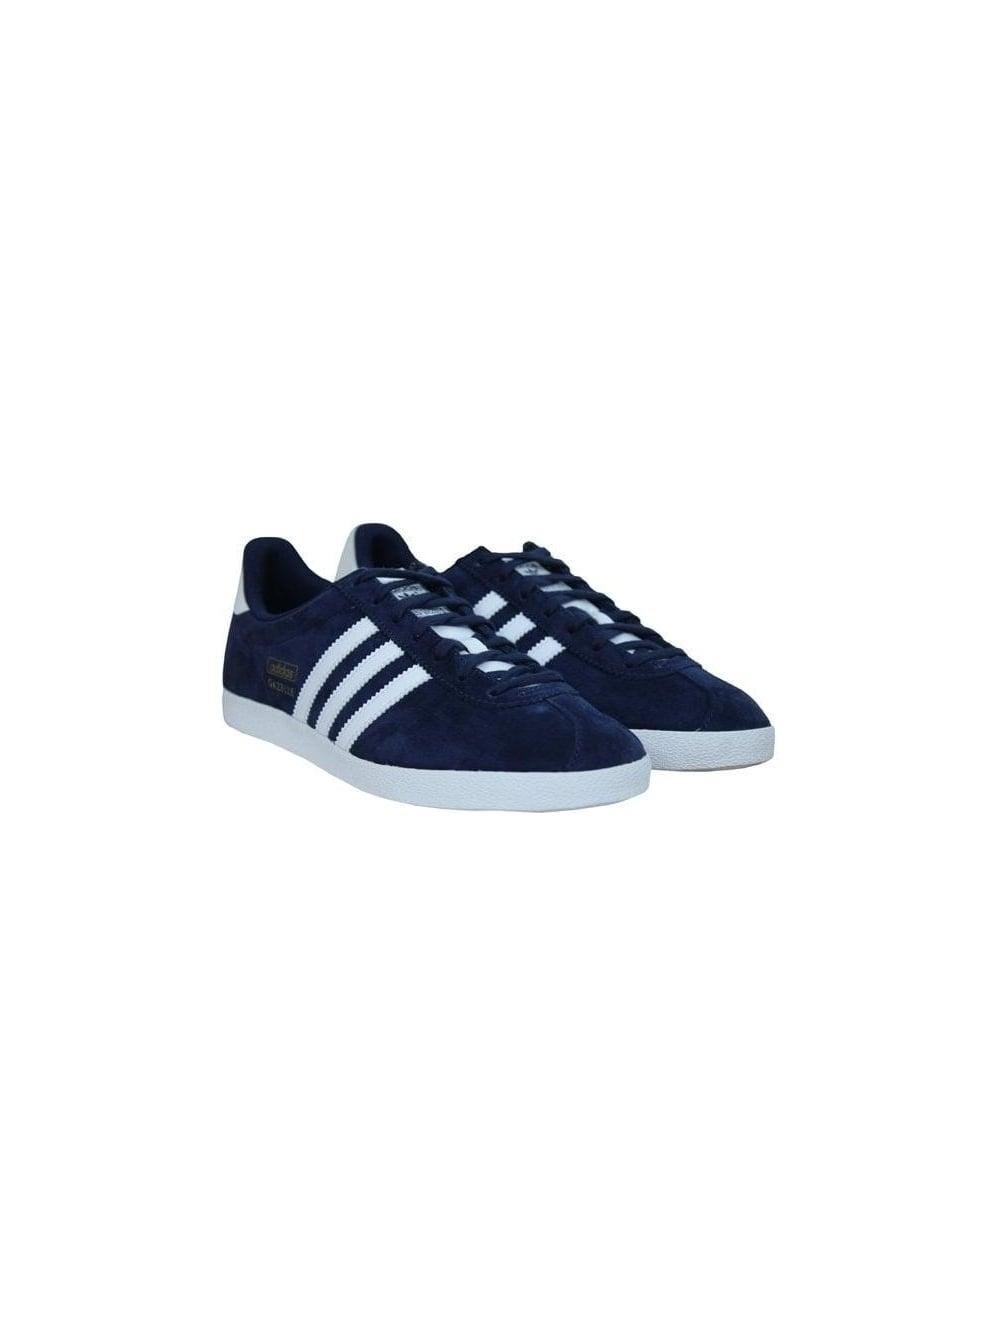 6142f34a6074 Adidas Gazelle OG Trainer in Indigo White - Northern Threads